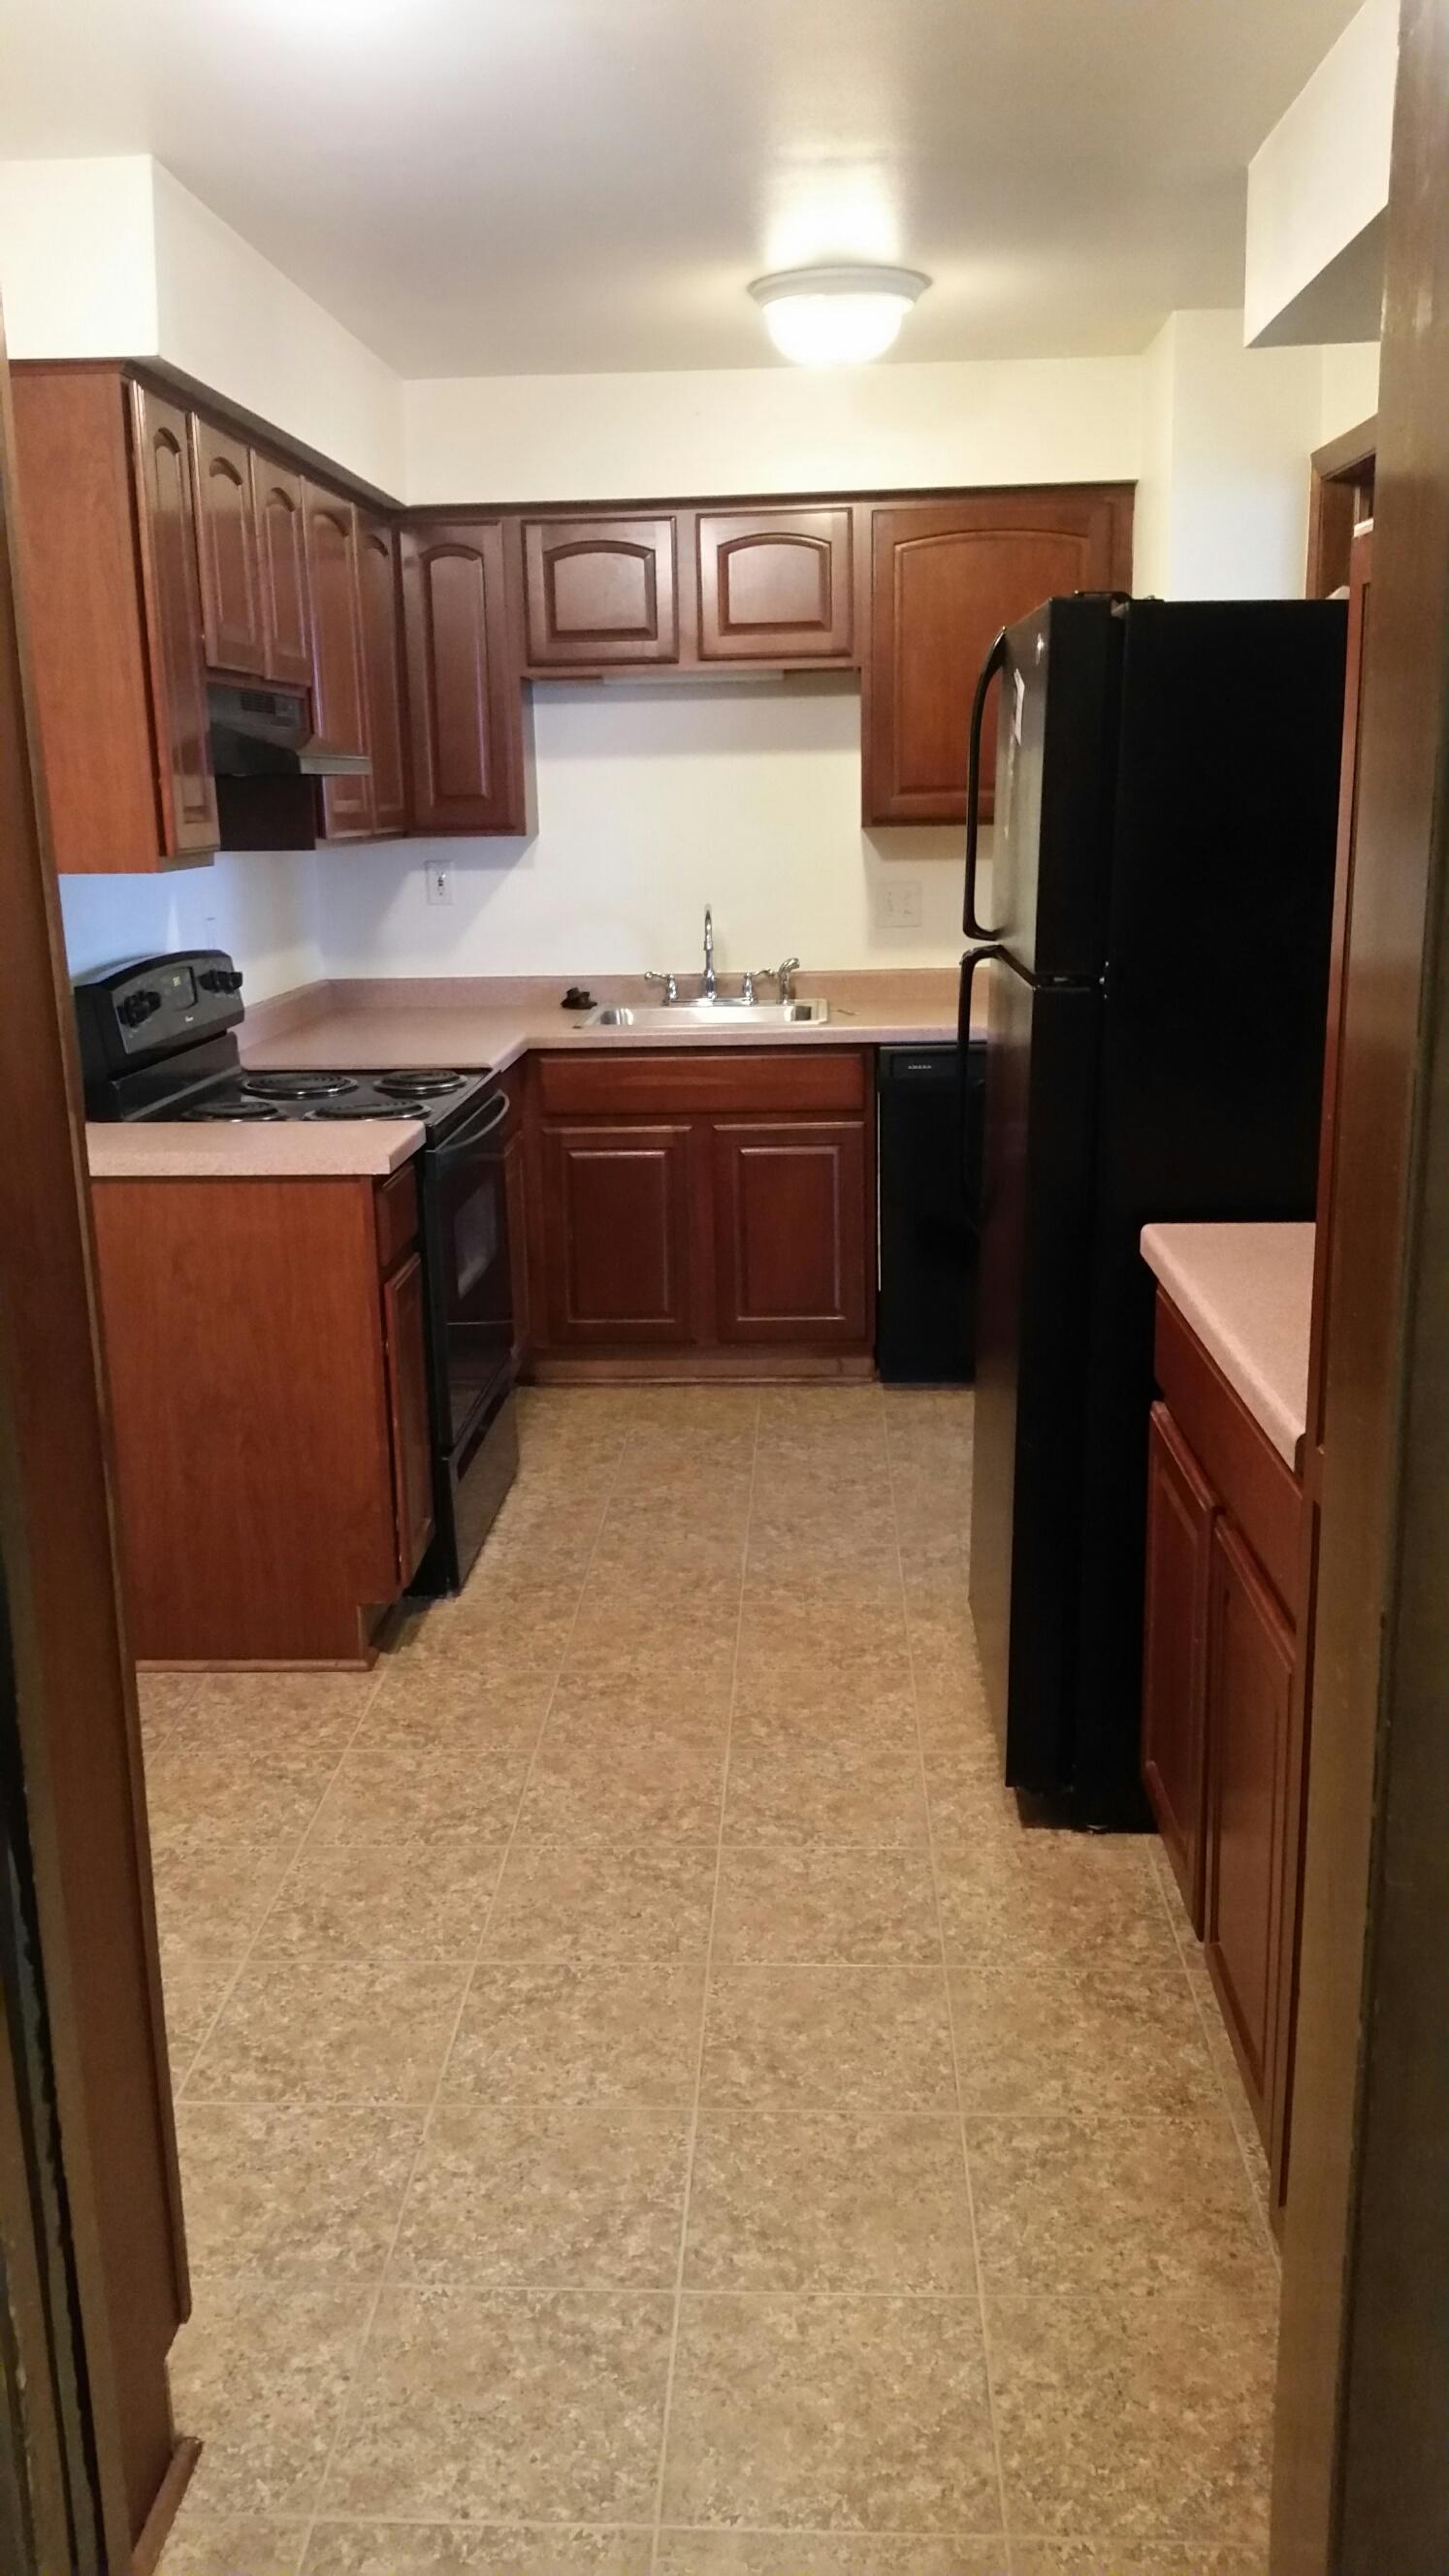 3939-606 kitchen.jpg